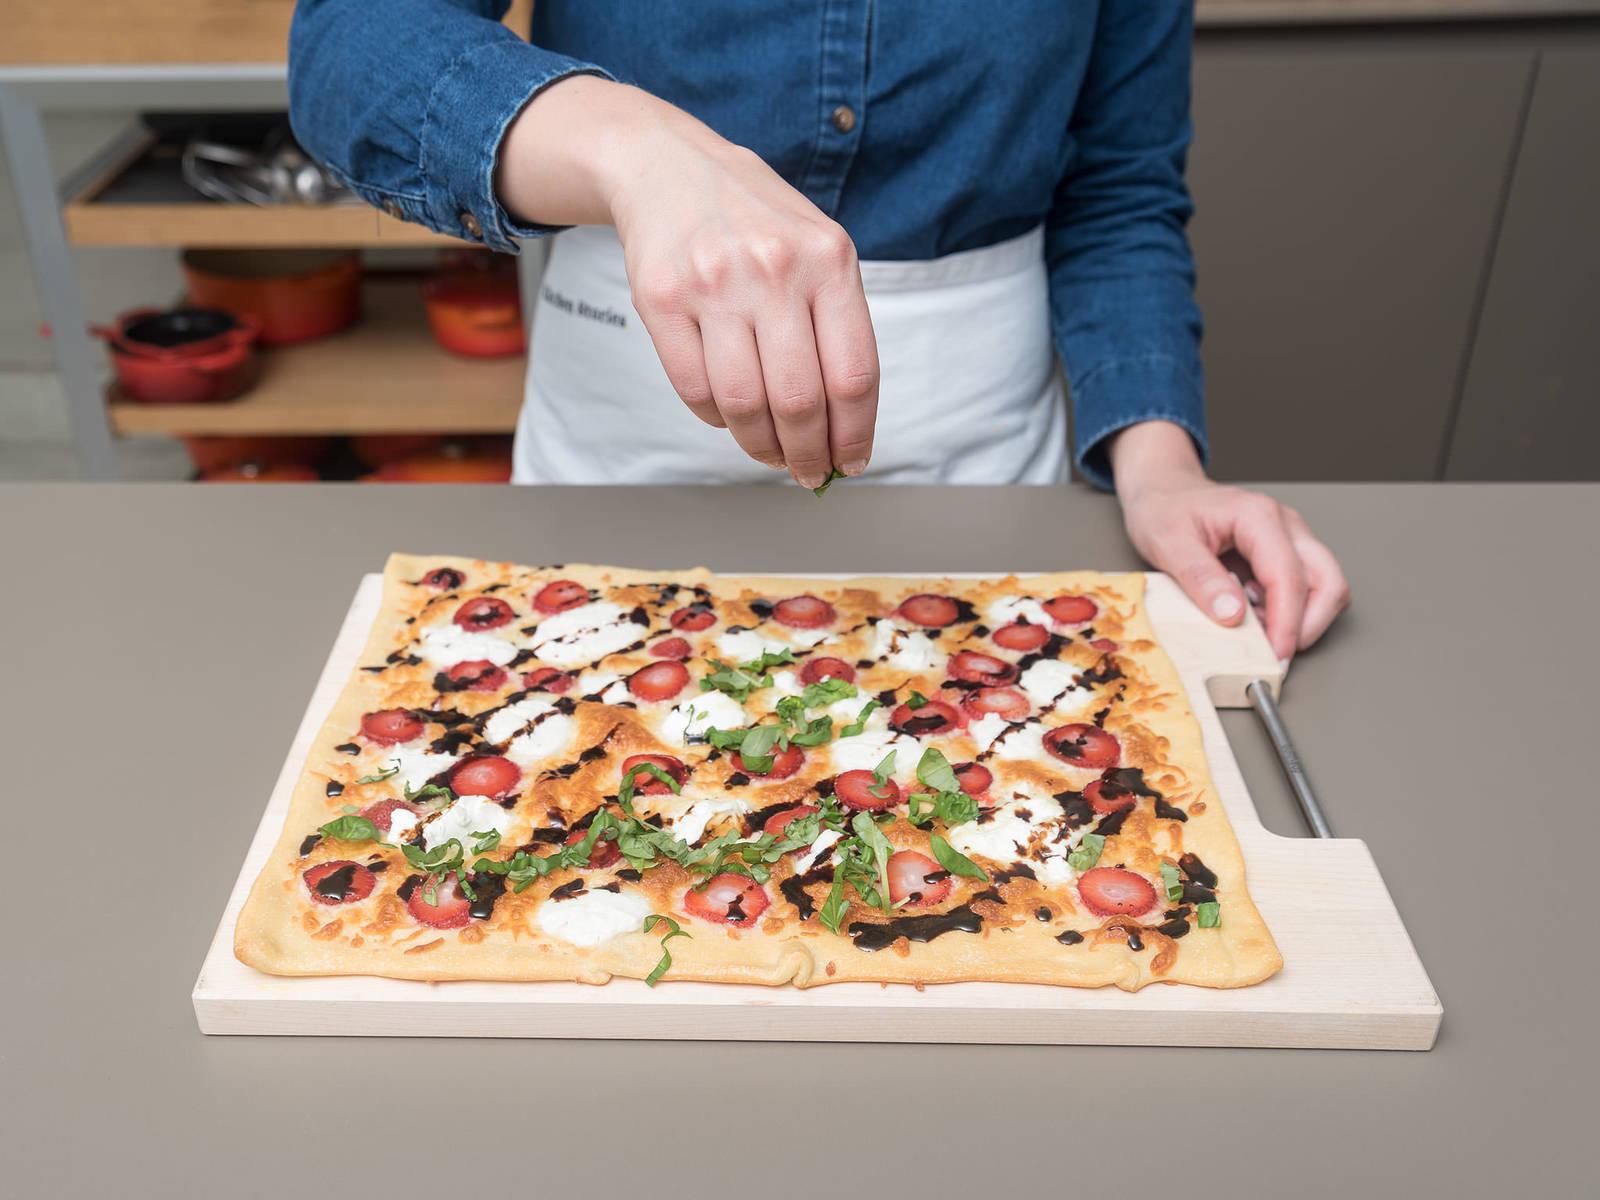 在披萨上撒罗勒,用盐与胡椒调味,淋上巴萨米克浓酱。尽情享用吧!